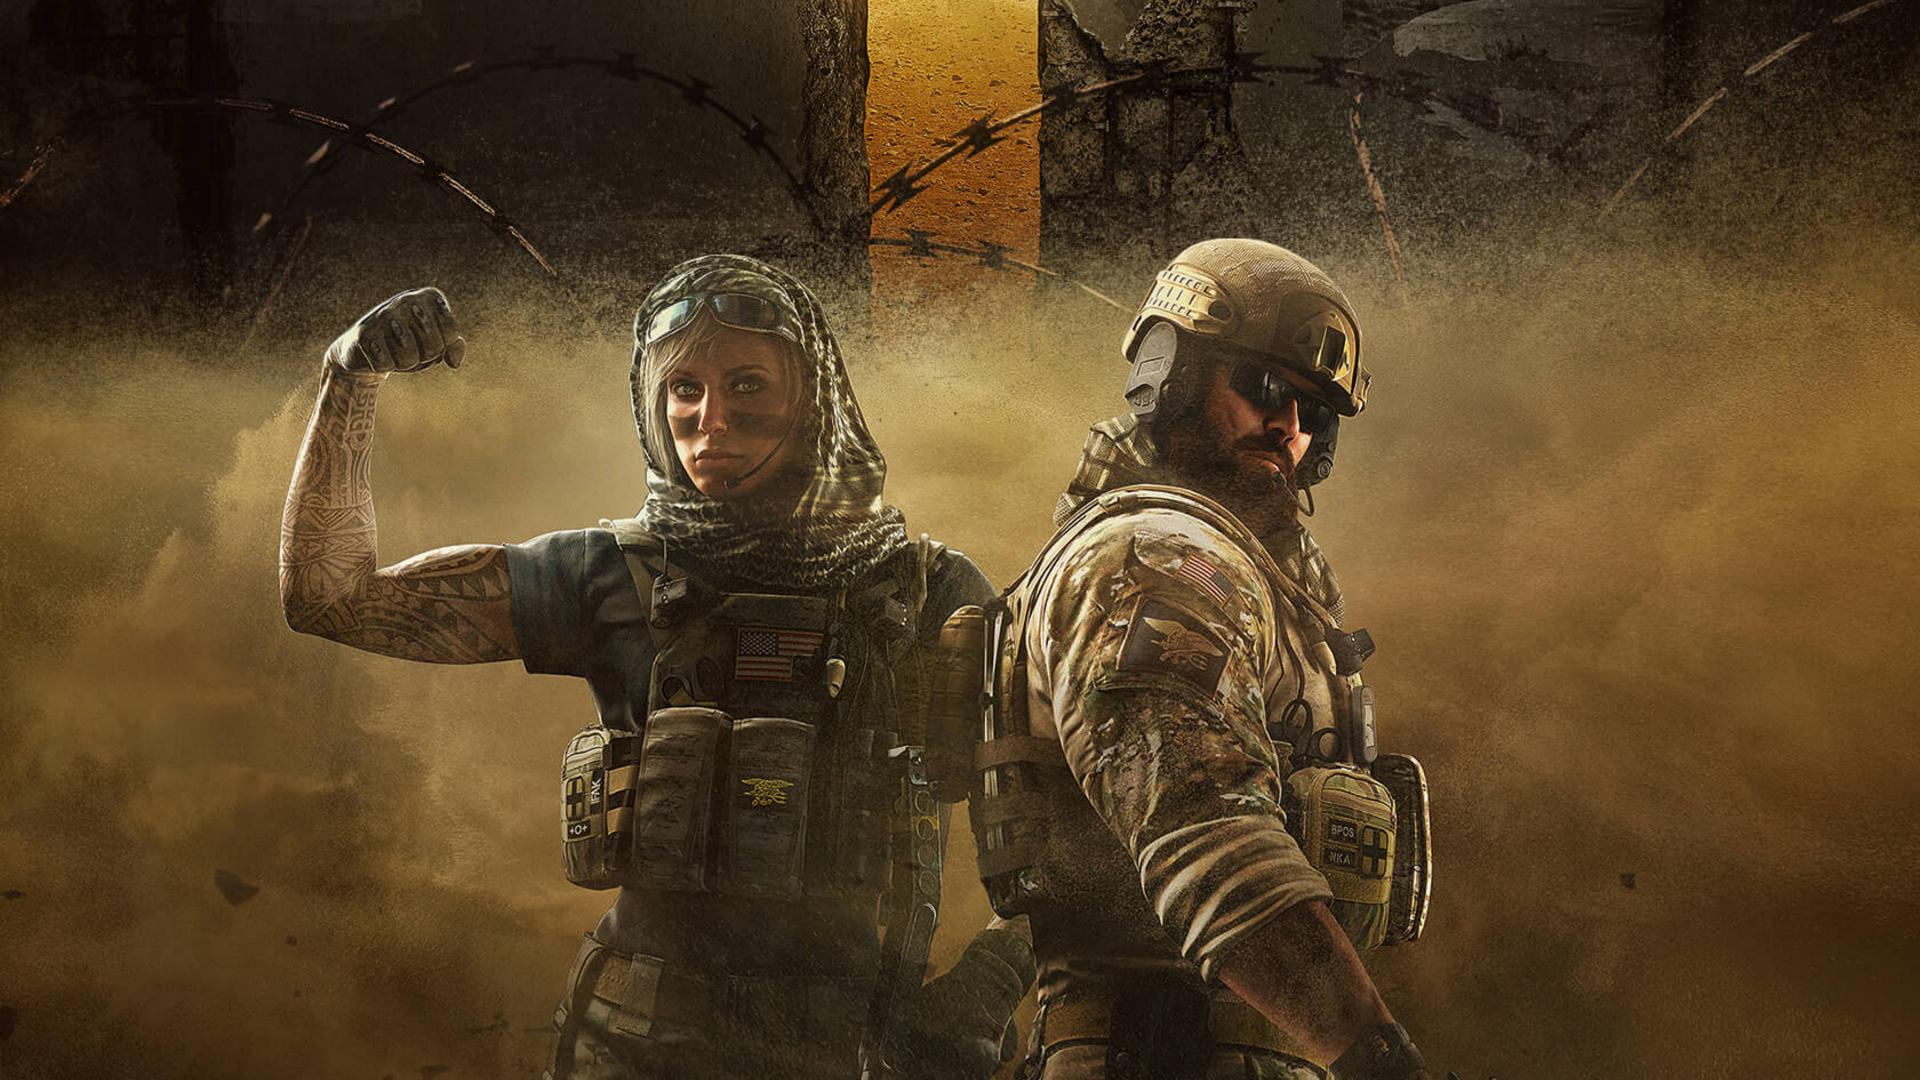 В новом трейлере Rainbow Six: Siege тизерят русского оперативника